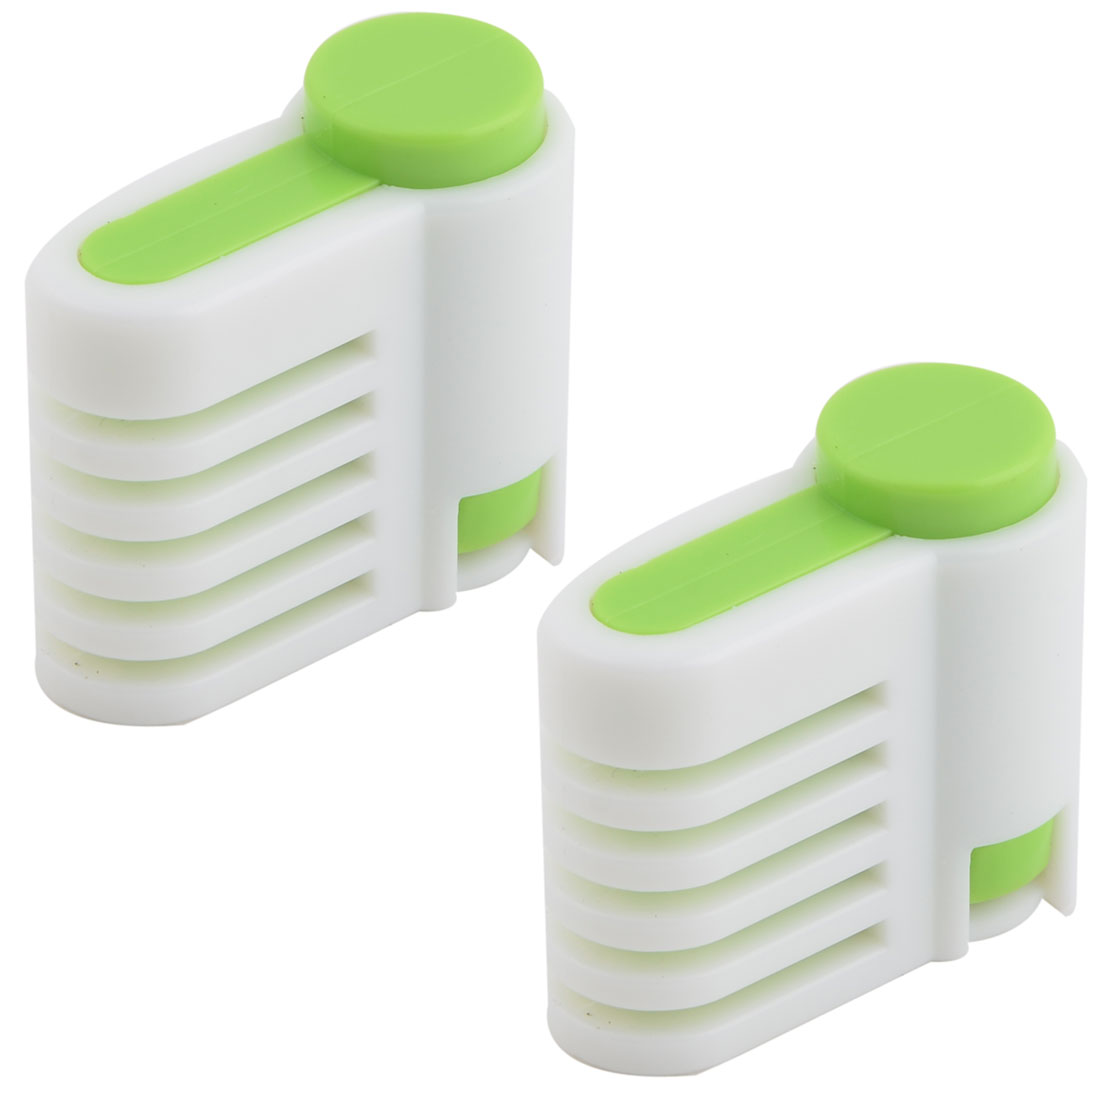 Family Kitchen Plastic Adjustable Cake Pie Bread Leveler Slicer White Green 2 Pcs